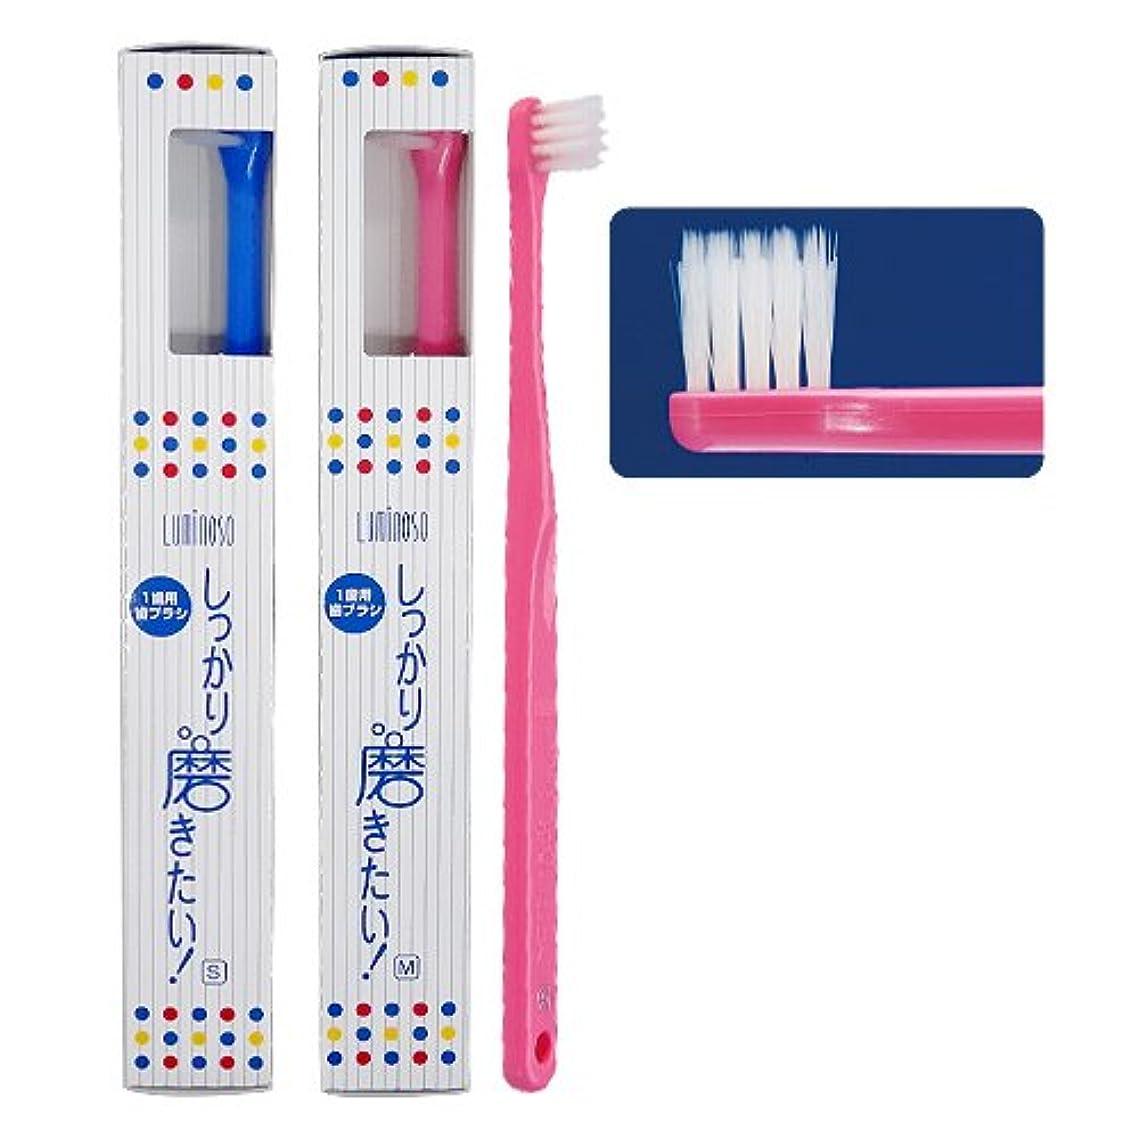 ささやき降雨マラソンルミノソ 1歯用歯ブラシ「しっかり磨きたい!」スタンダード ソフト